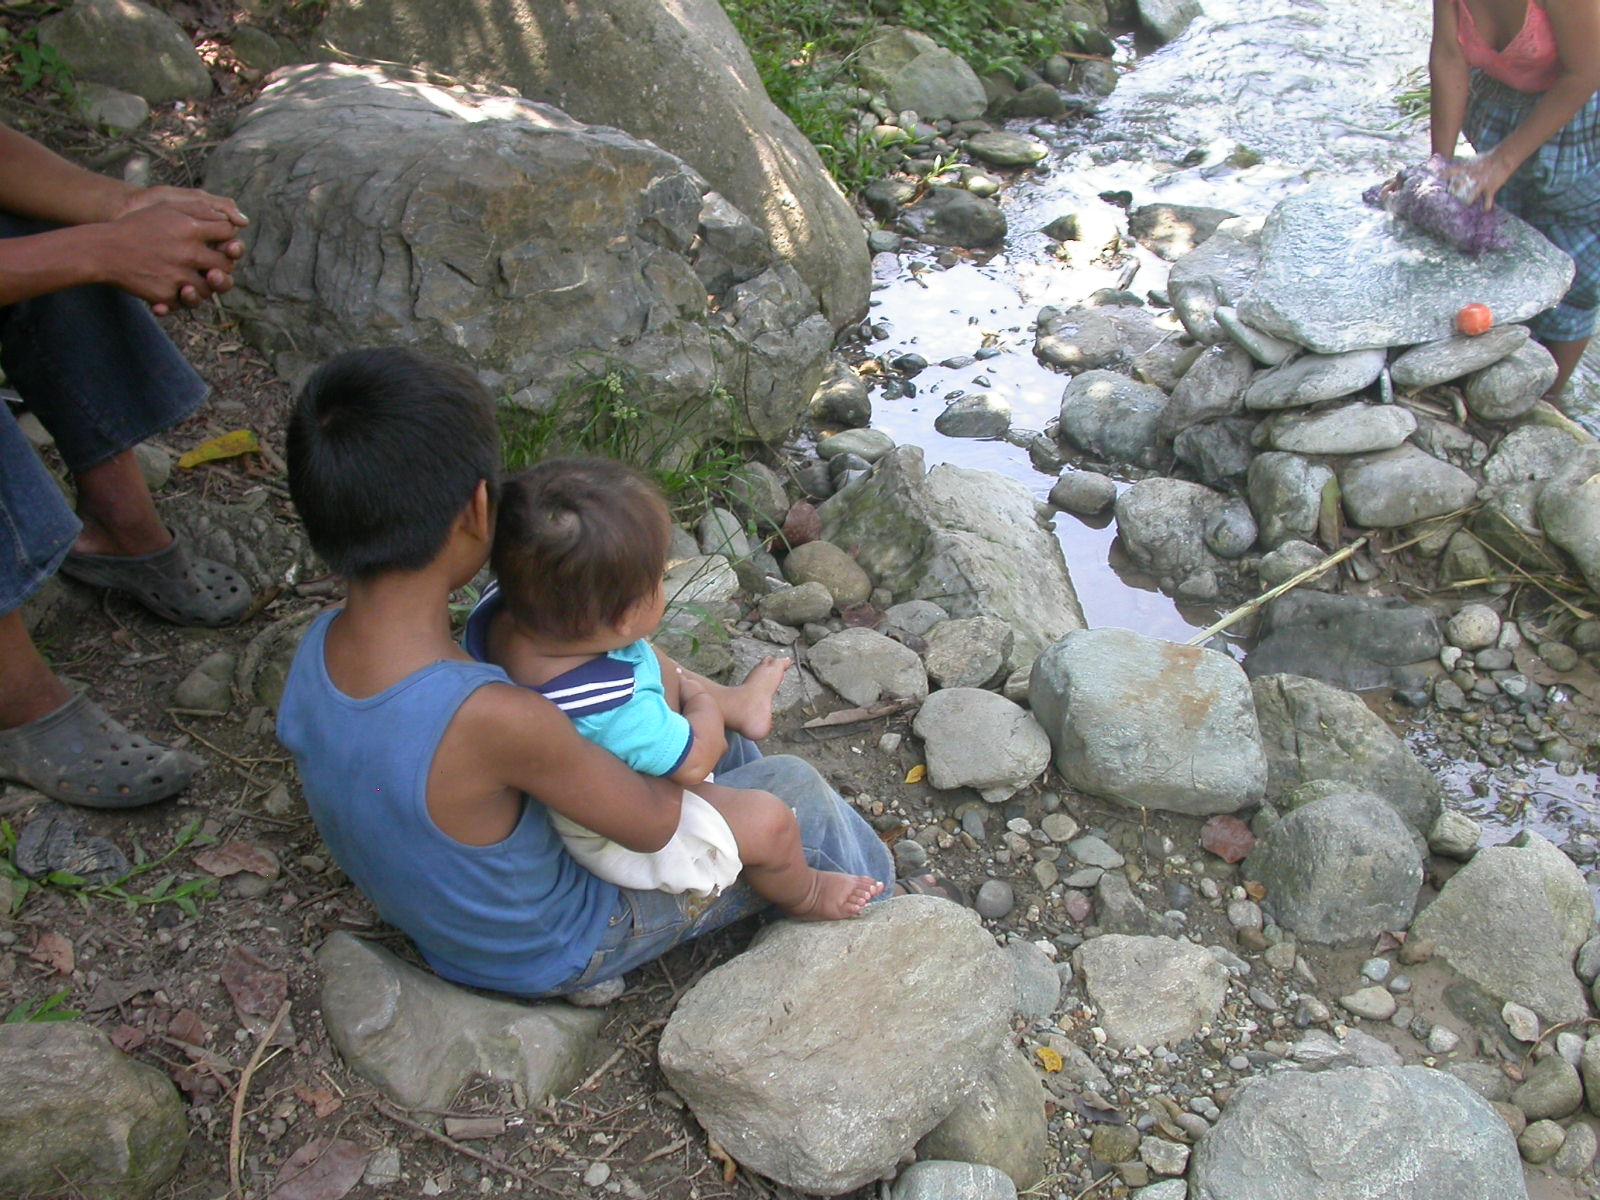 kinderen bij moeders die wassen in de rivier